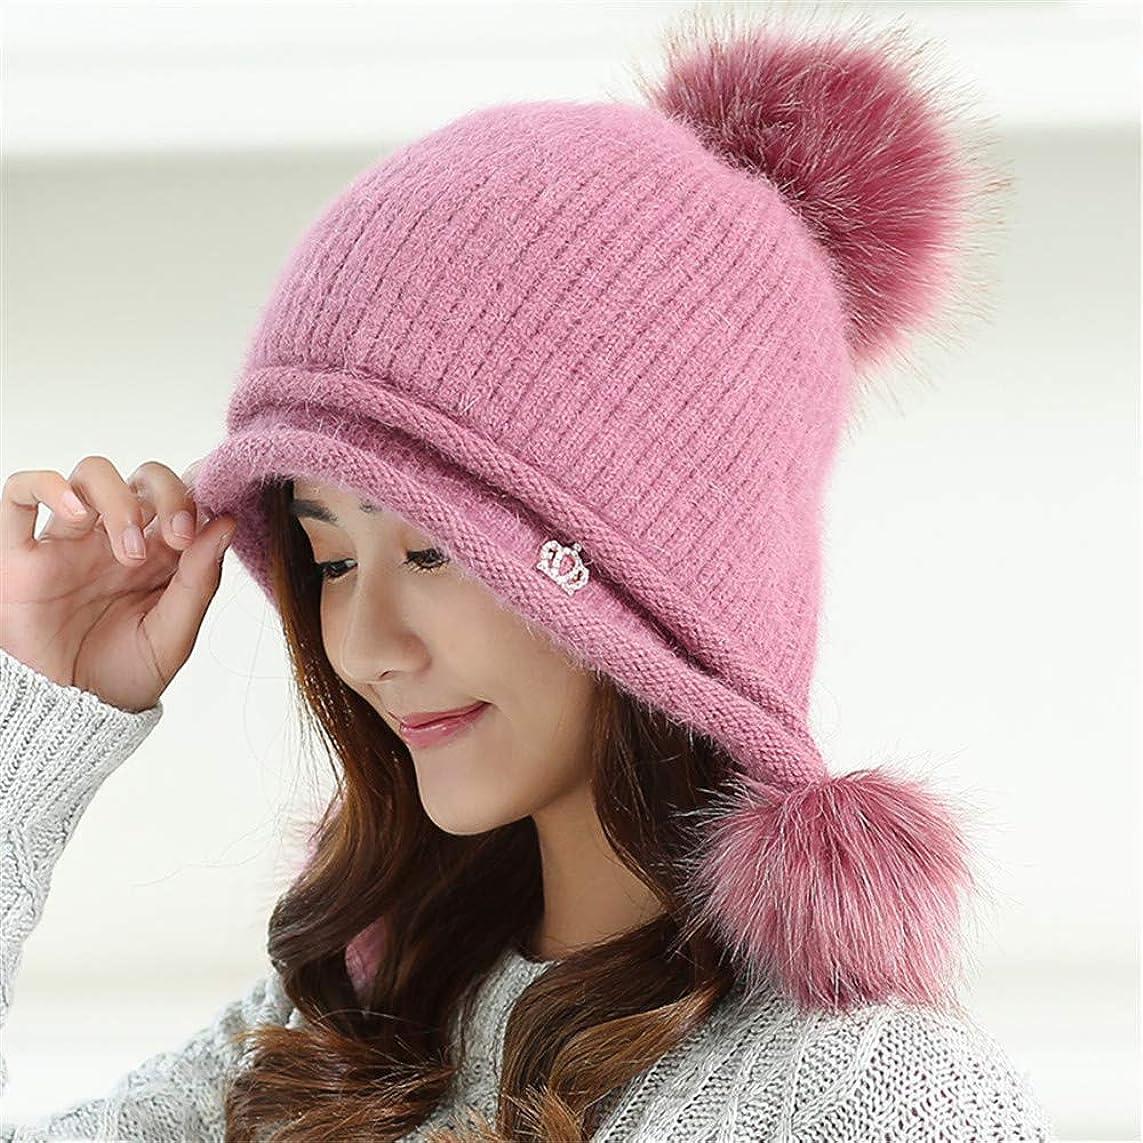 いとこドロー後悔女性の冬のニット帽子に加えて、ベルベットの学生暖かい帽子、イヤーマフ